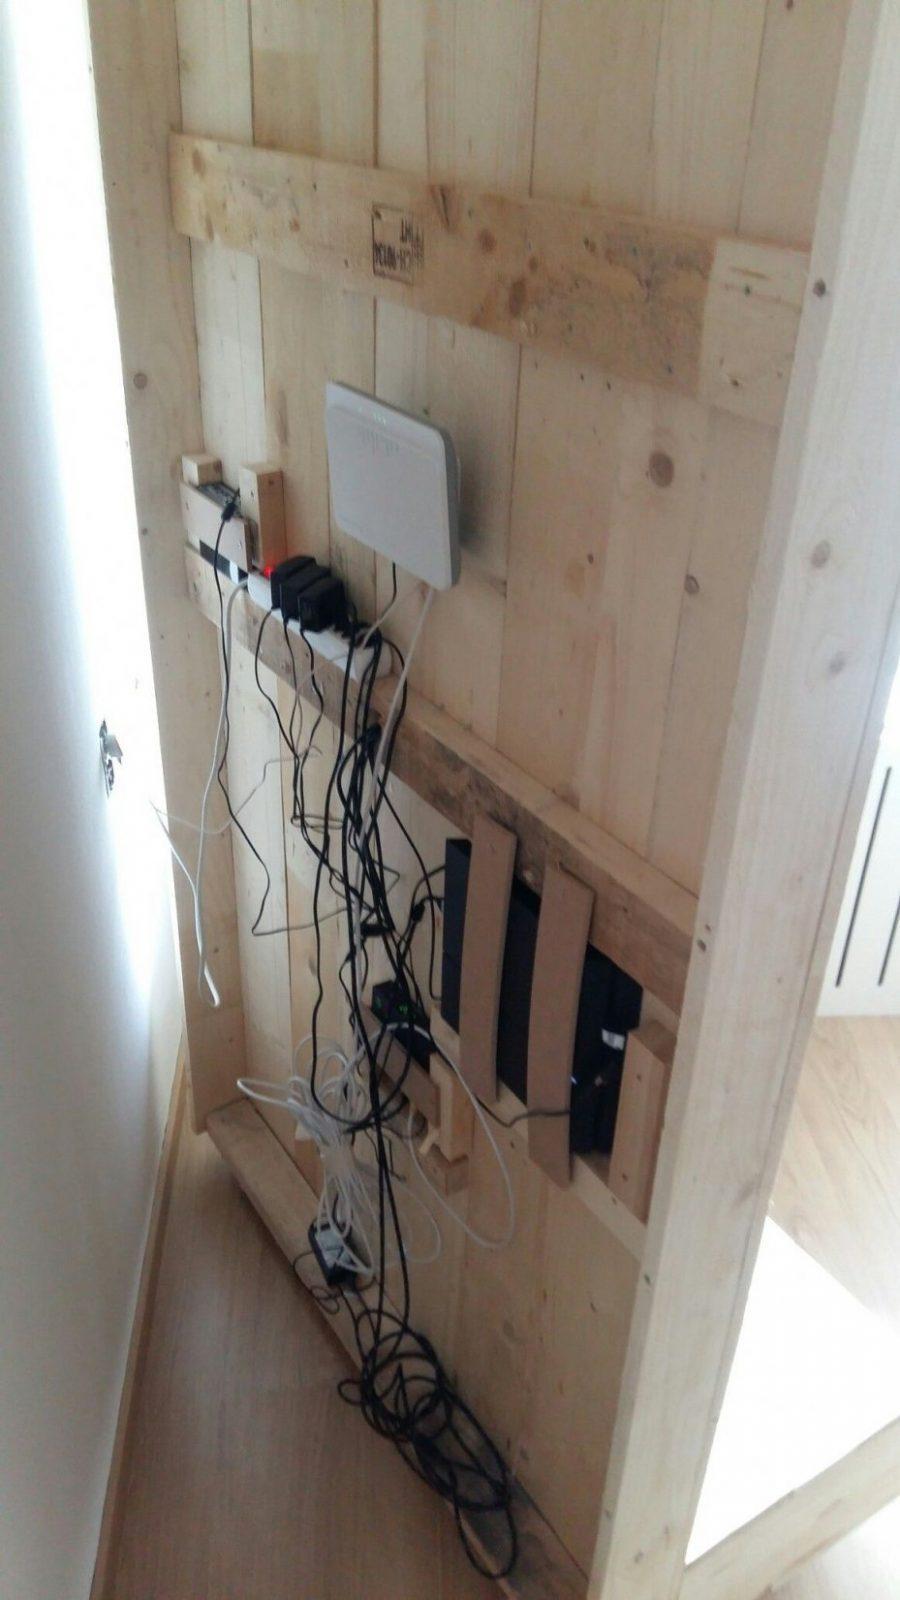 Tvrückwand Selbst Bauen Alle Kabel Verschwinden Hinter Der von Tv An Wand Kabel Verstecken Bild